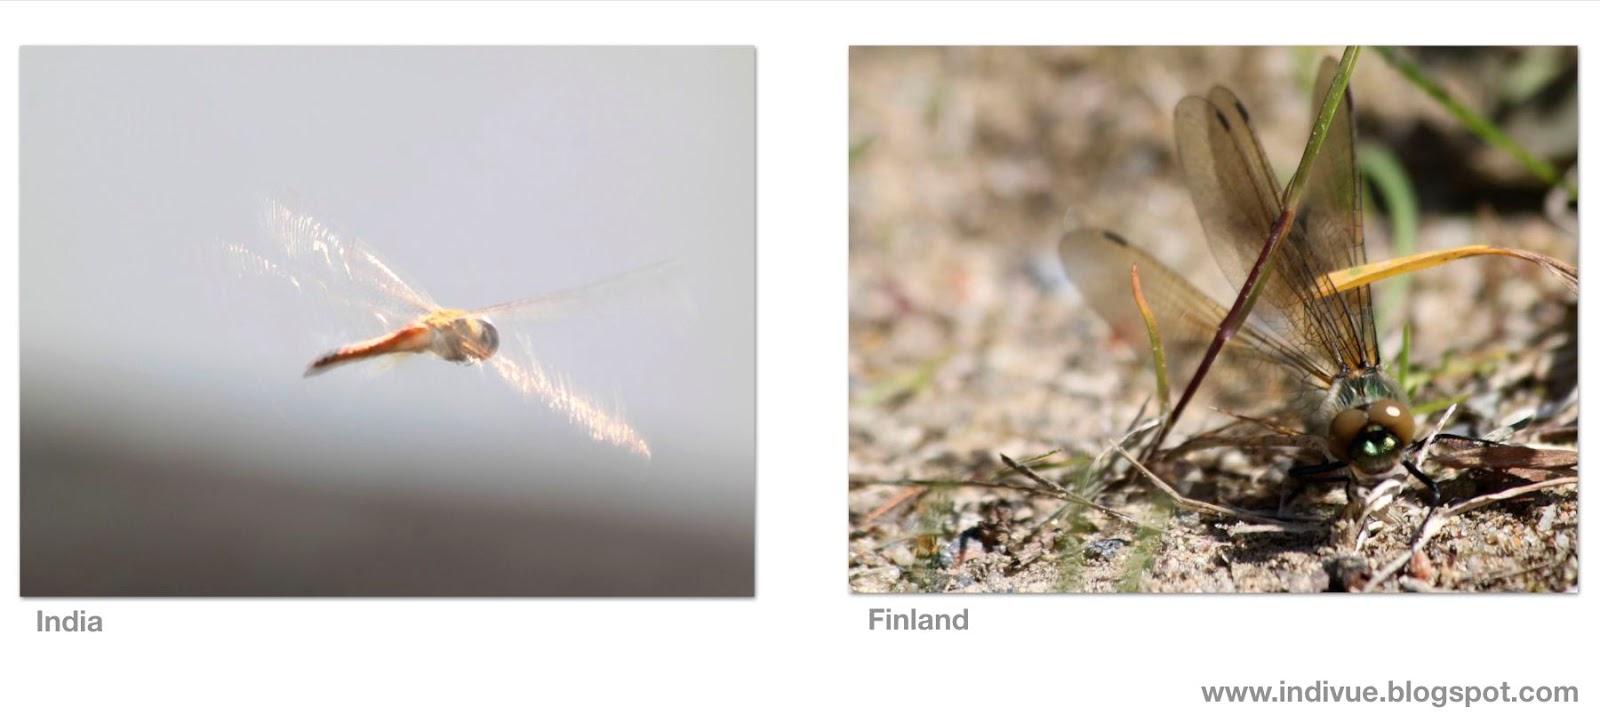 Suomalainen sudenkorento ja intialainen sudenkorento